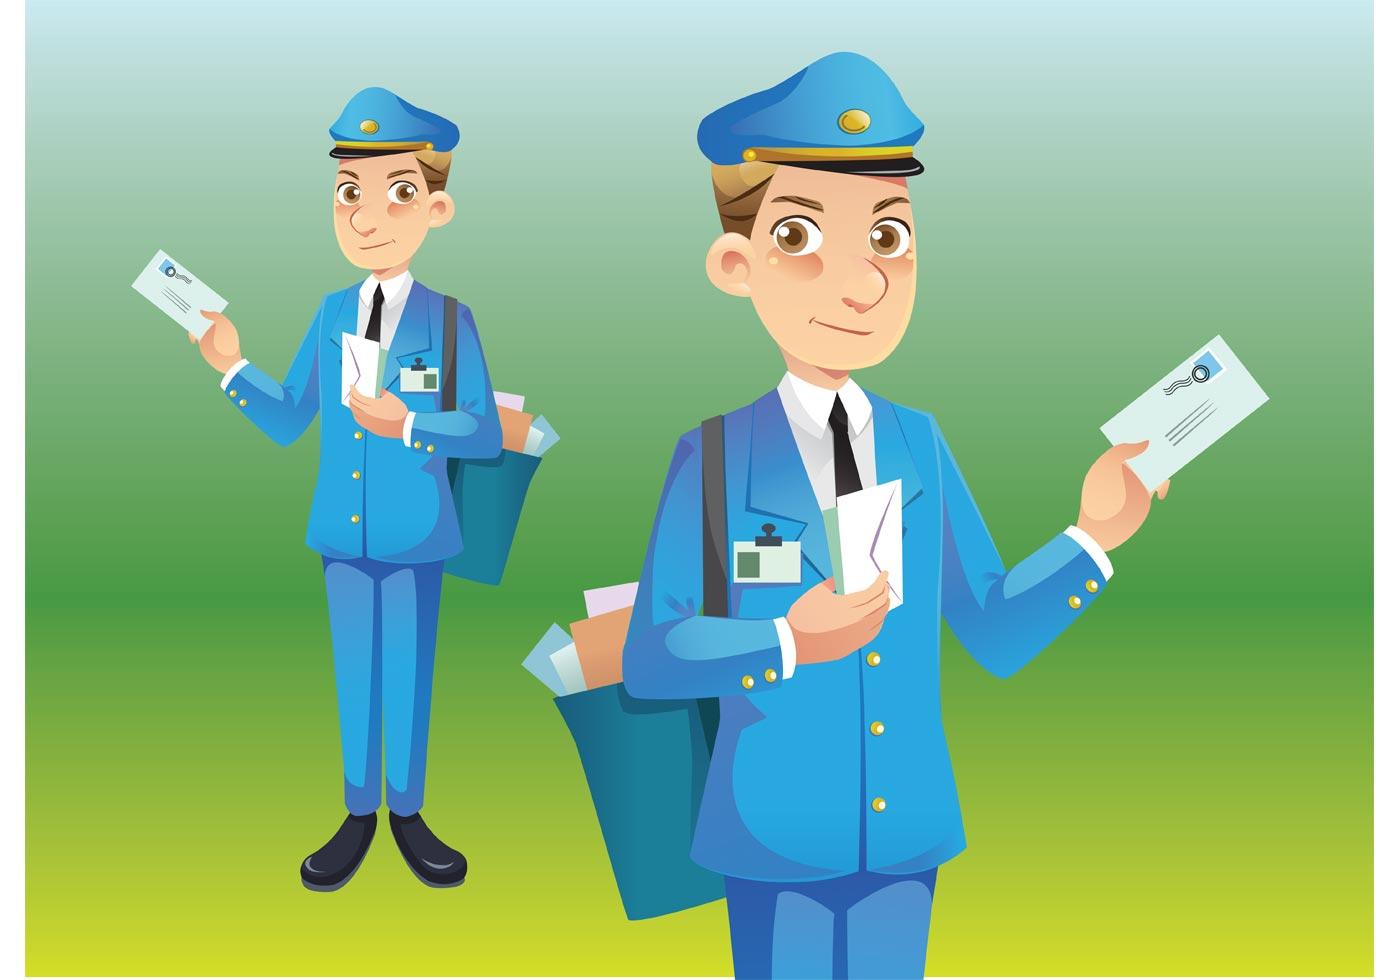 Postman Vector Download Free Vector Art Stock Graphics